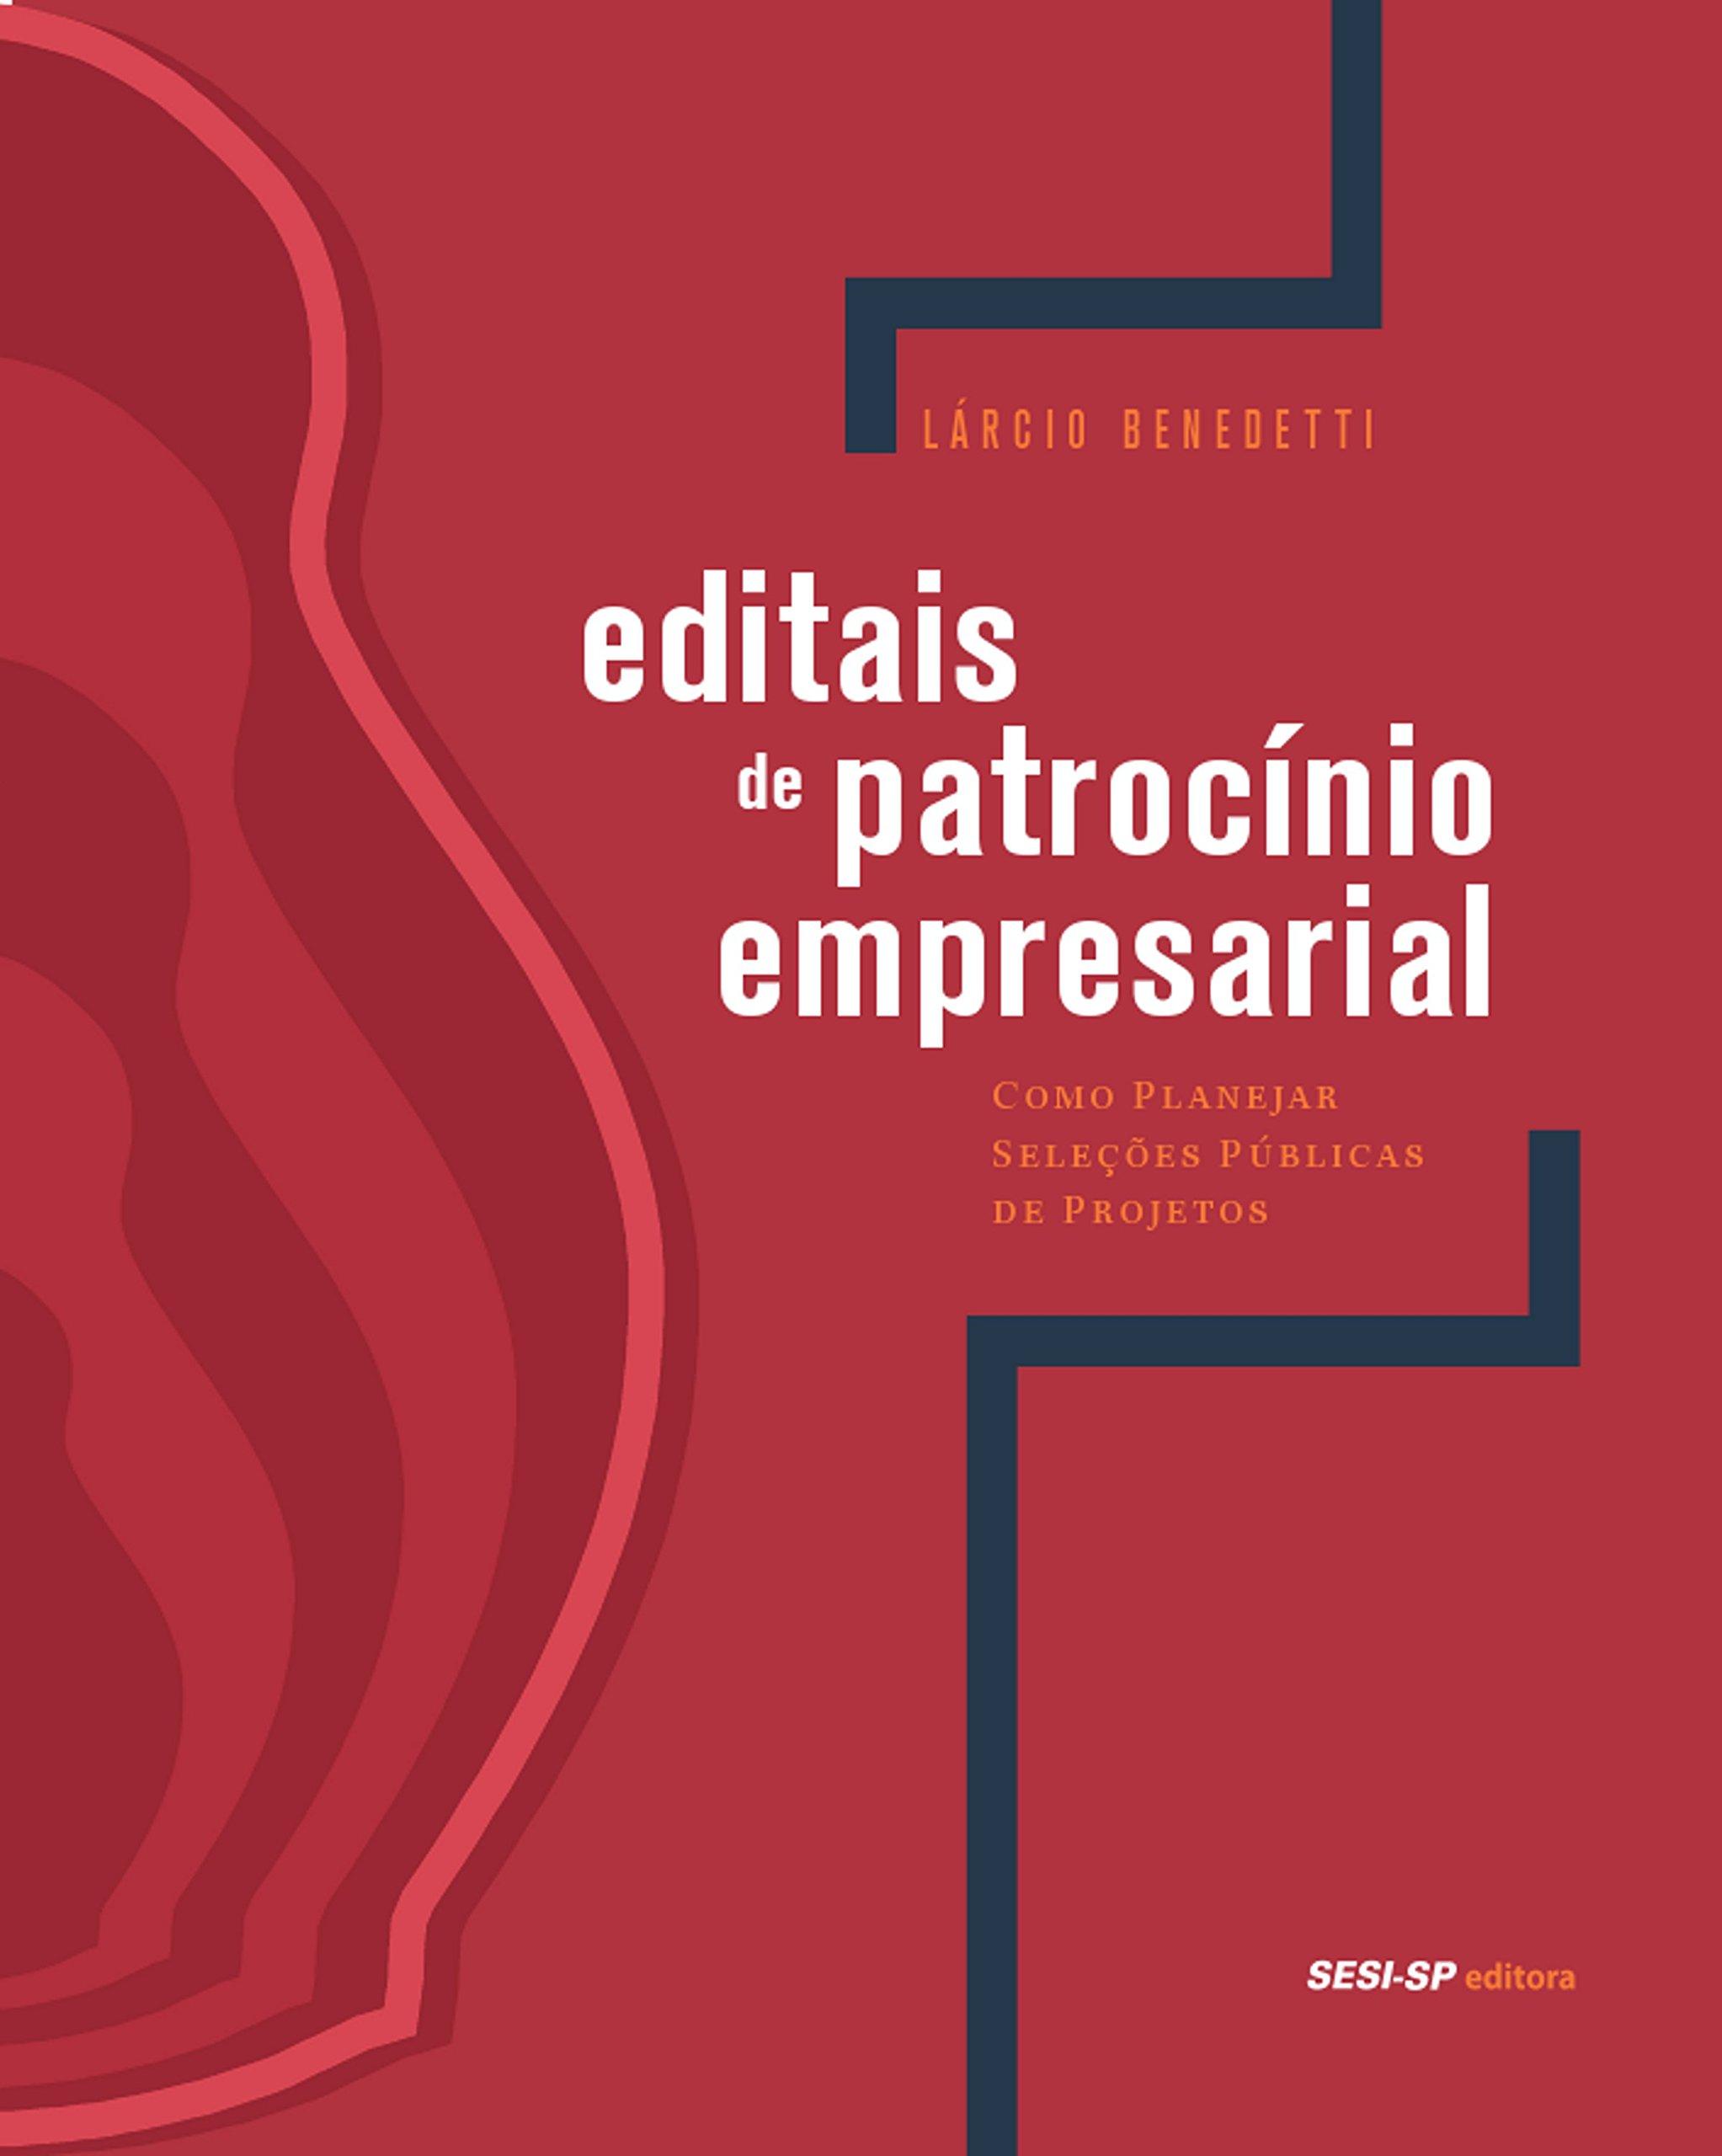 Editais de Patrocínio Empresarial: Como Planejar Seleções Públicas de Projetos (Olhar Para a Indústria) (Portuguese Edition)